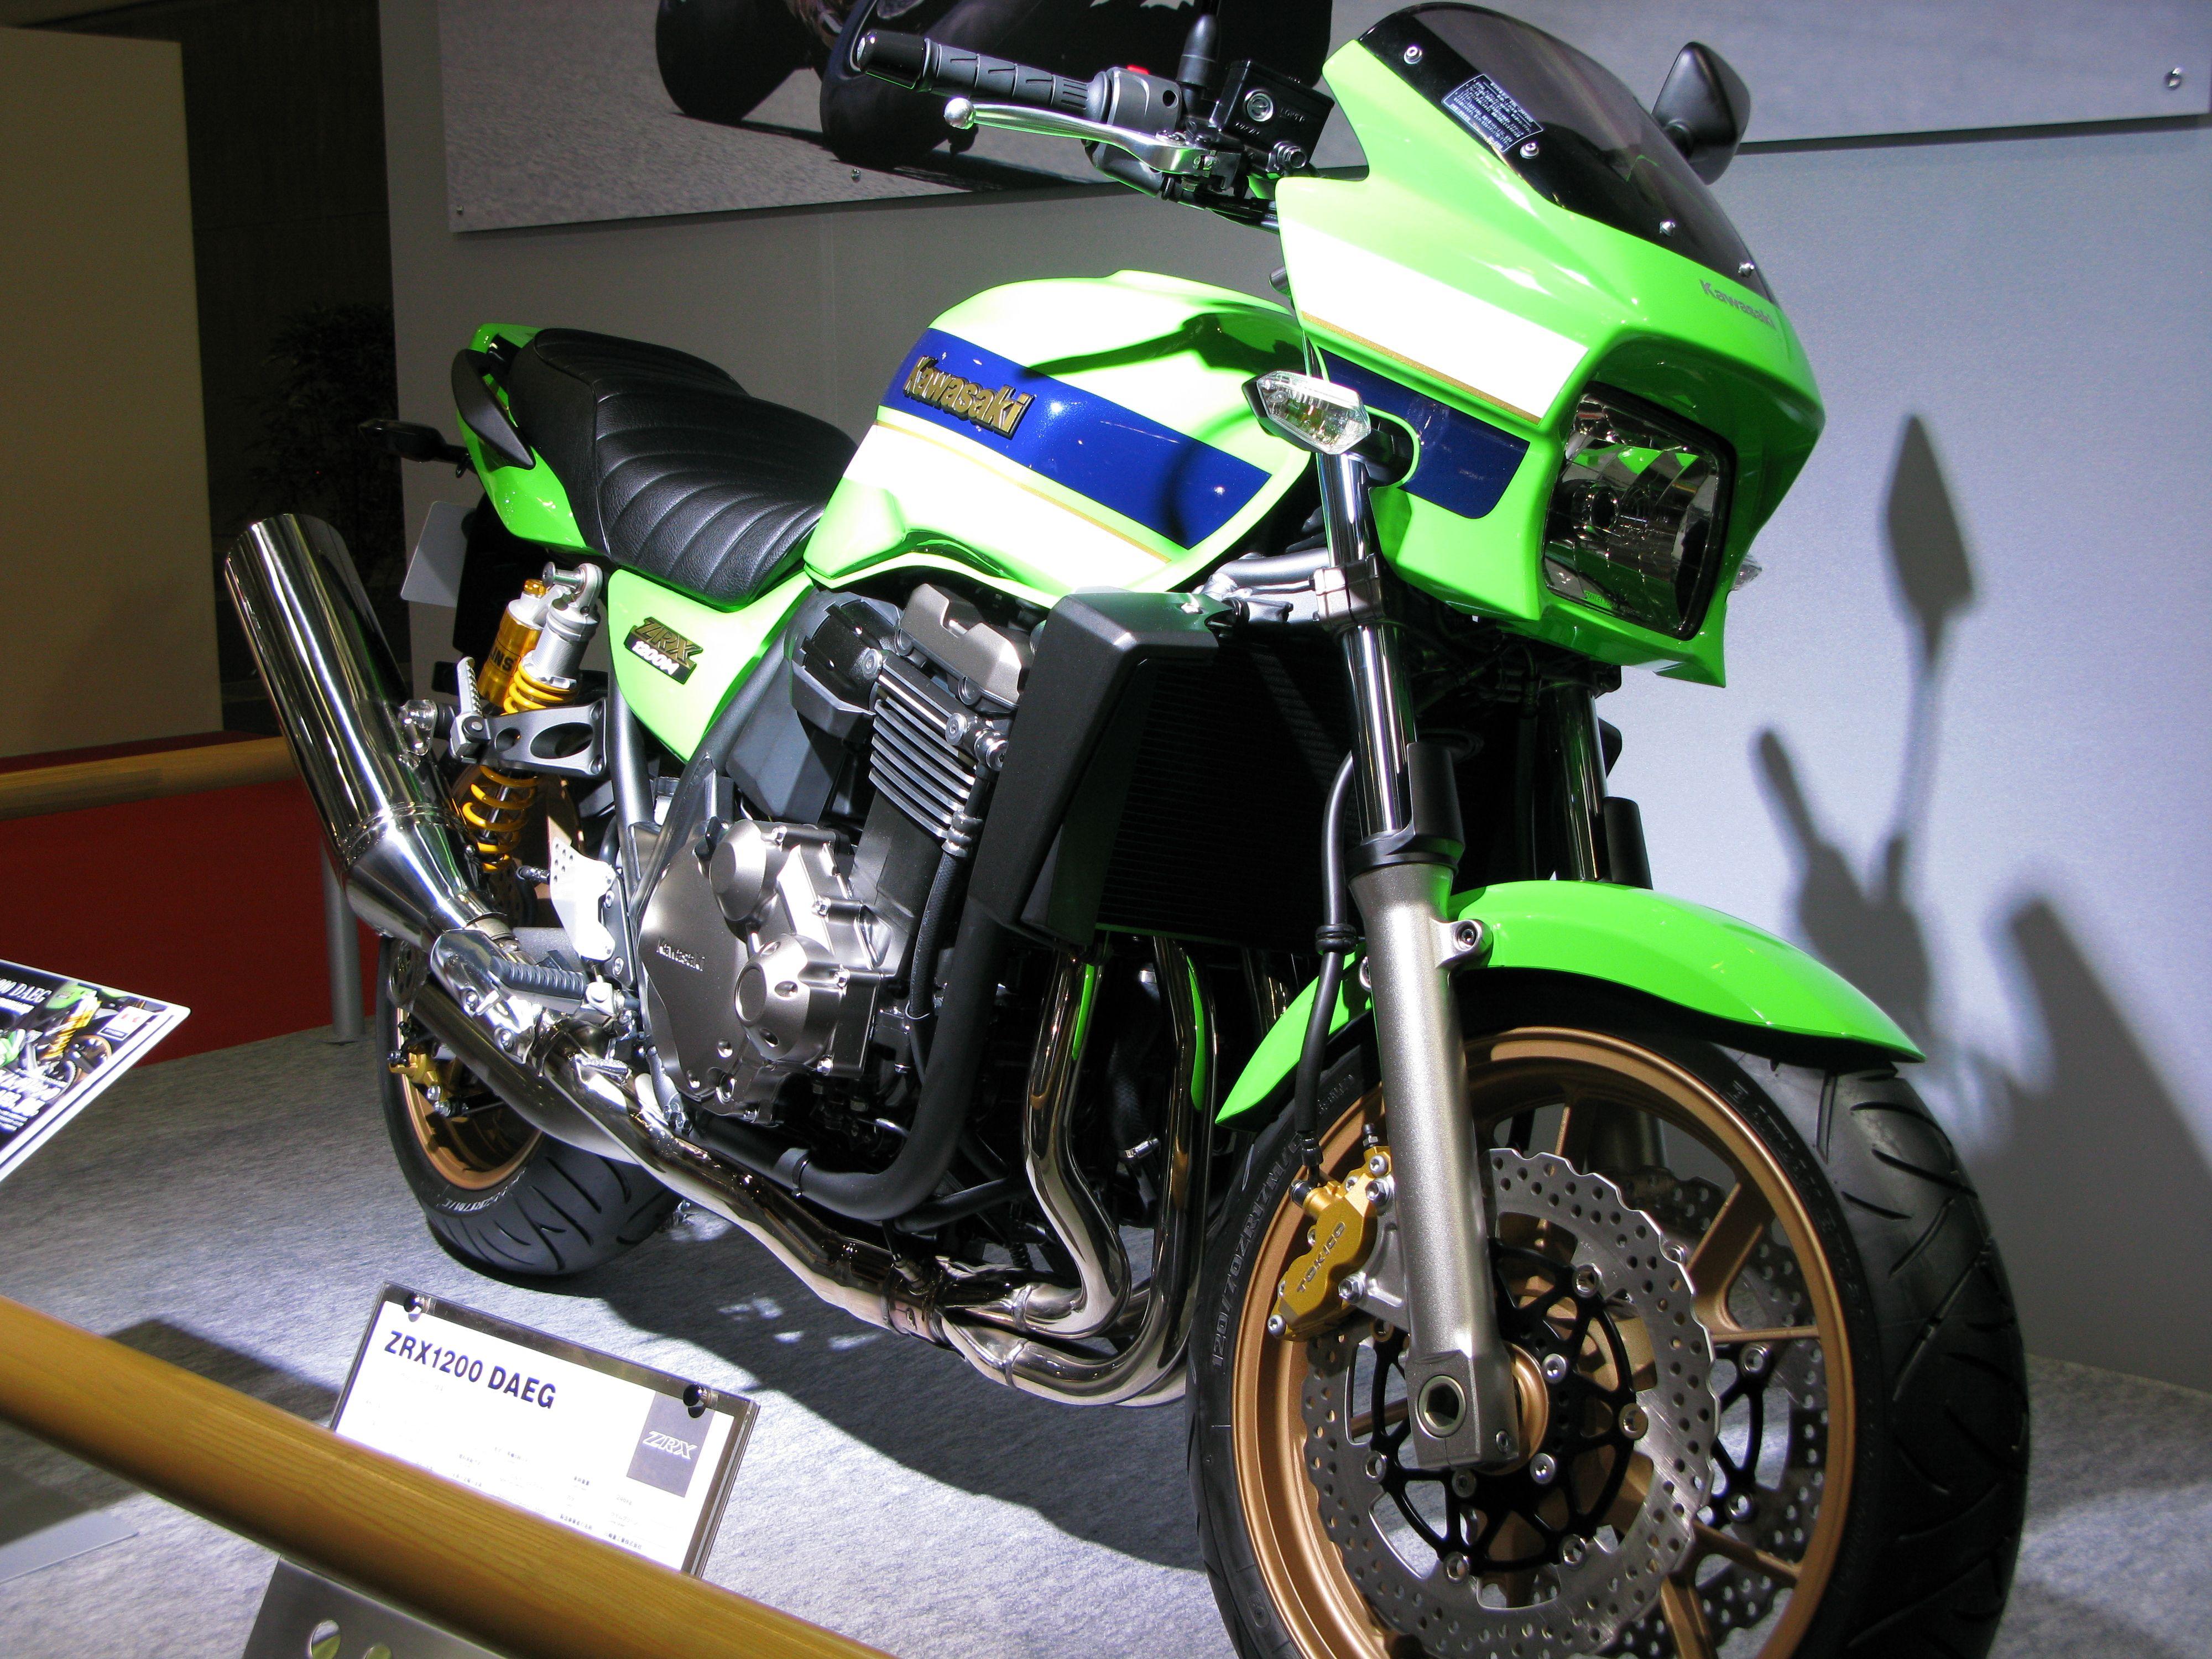 Kawasaki Zrx1200 Kawasaki Fast Bikes Bike